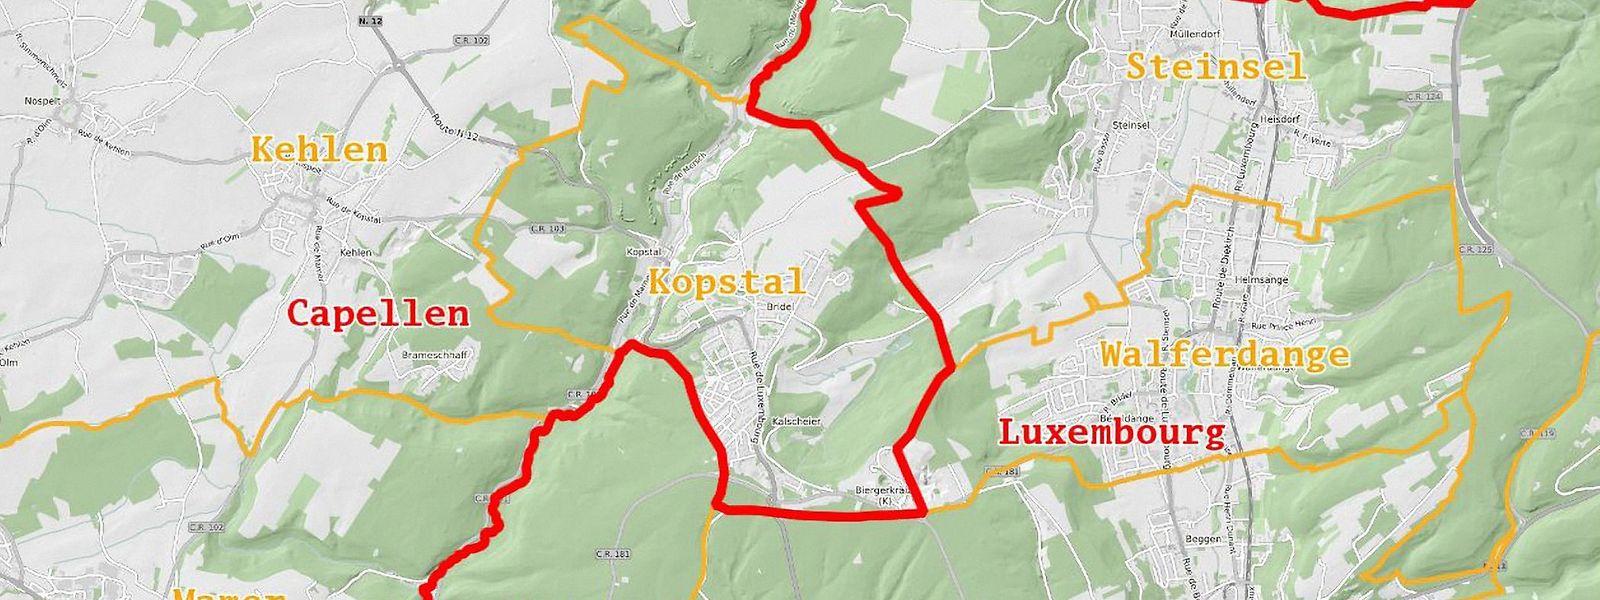 Die Kantonsgrenze (rot) zwischen Capellen und Luxemburg verläuft so, dass die nördlich der Hauptstadt gelegene Gemeinde Kopstal zum Wahlbezirk Süden gehört, Luxemburg aber zum Zentrum.